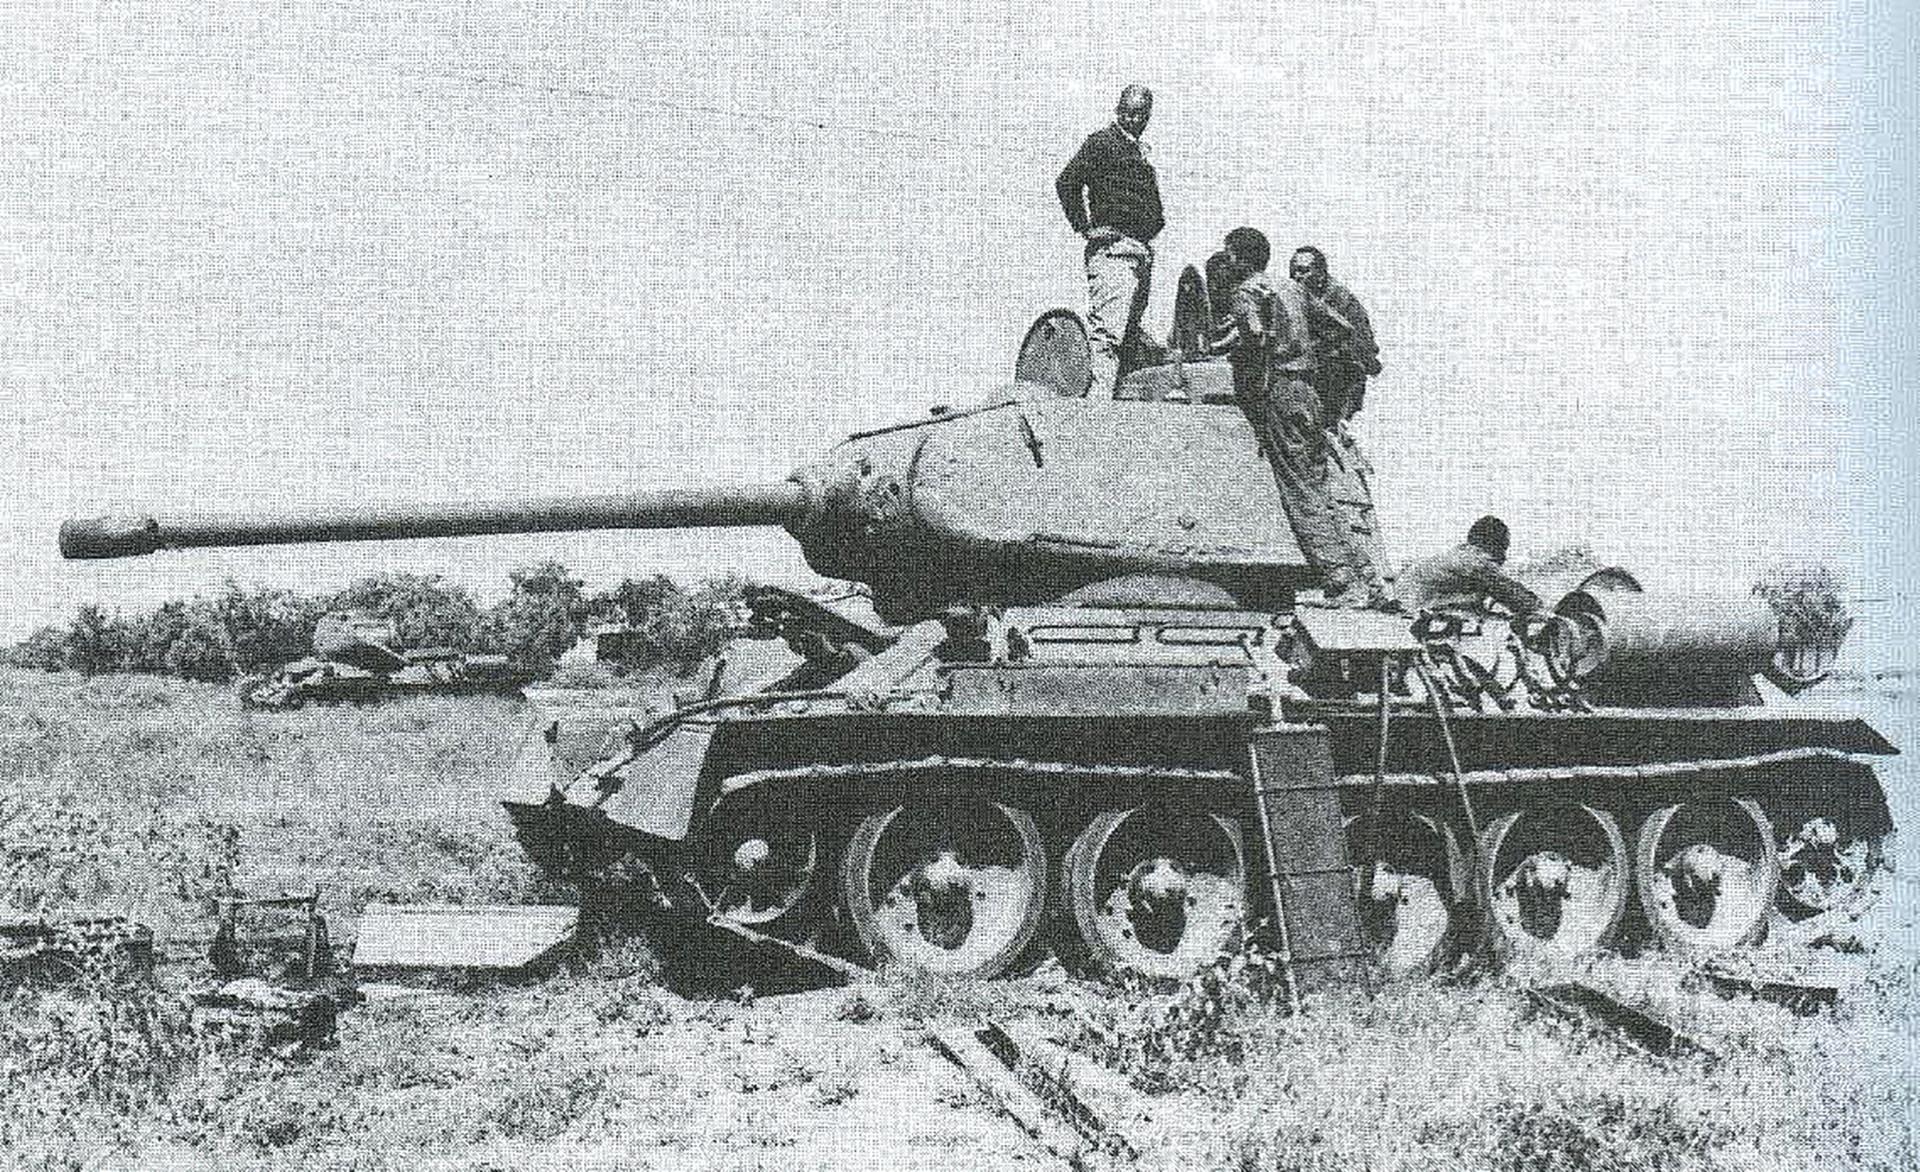 Reparatur eines kaputten T-34-Panzers der somalischen Streitkräfte